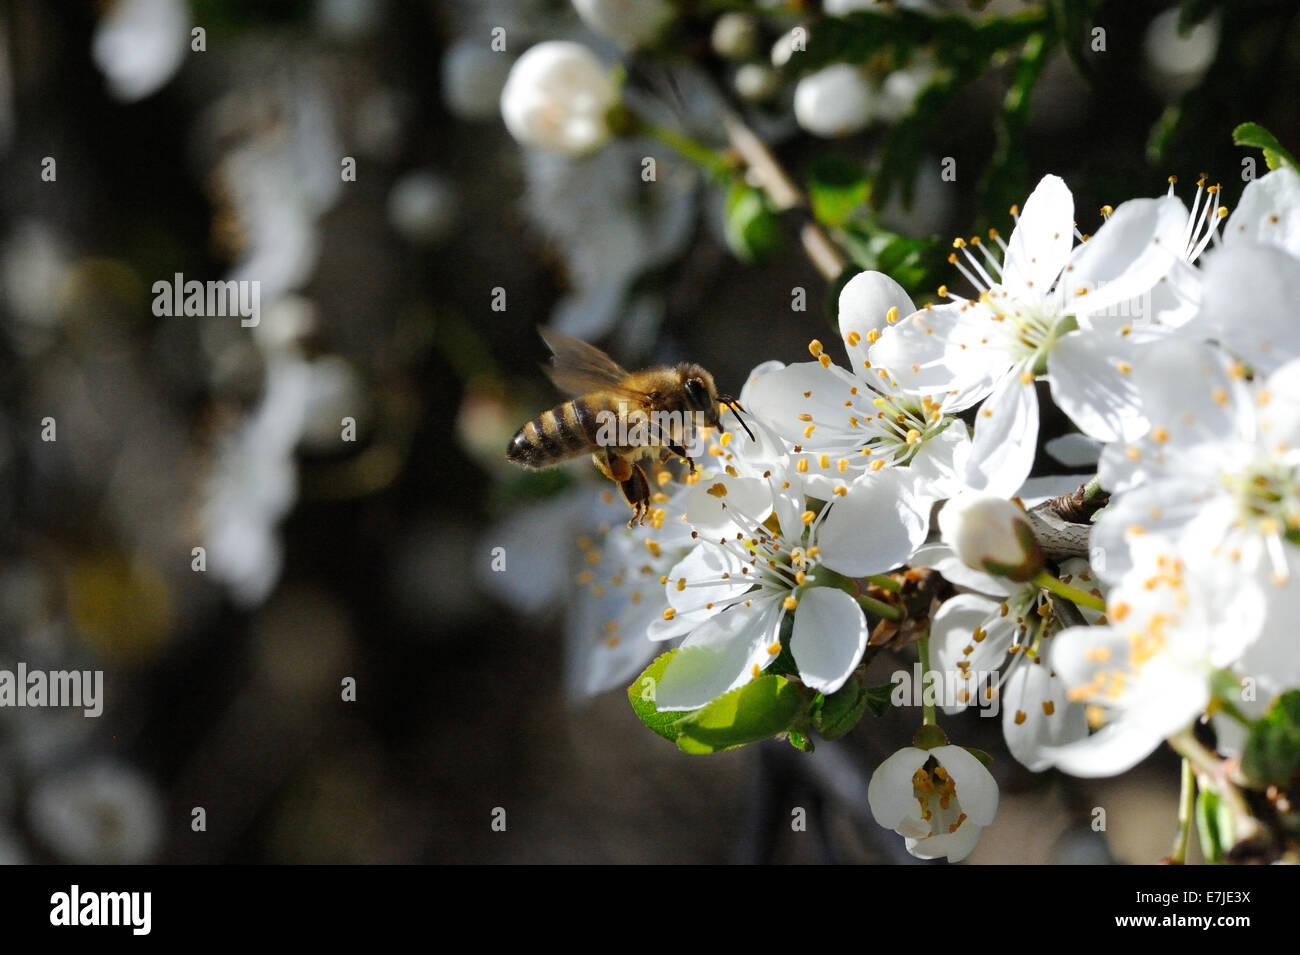 Flores, primavera, árboles en flor, flores, brotes tiernos, fruta, flores, pétalos de flores, árboles, Imagen De Stock